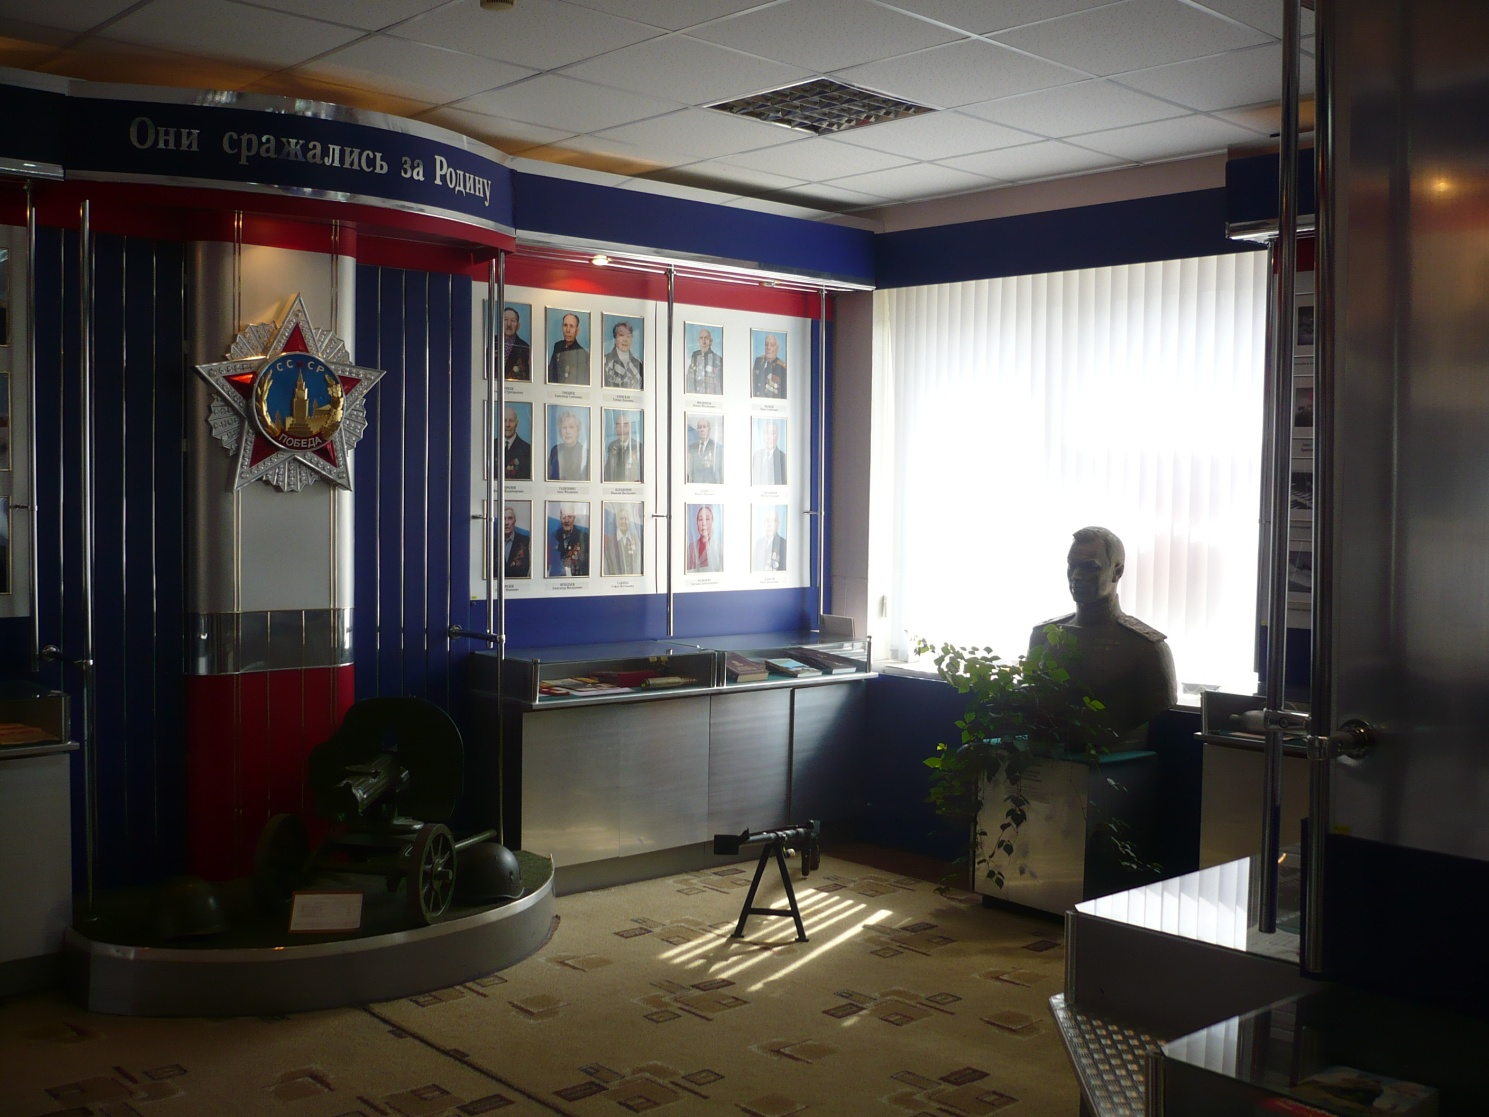 I:\Архив\разное рабочий стол\разное\Т.А\экскурсия в музей ГУВД\P1030072.JPG